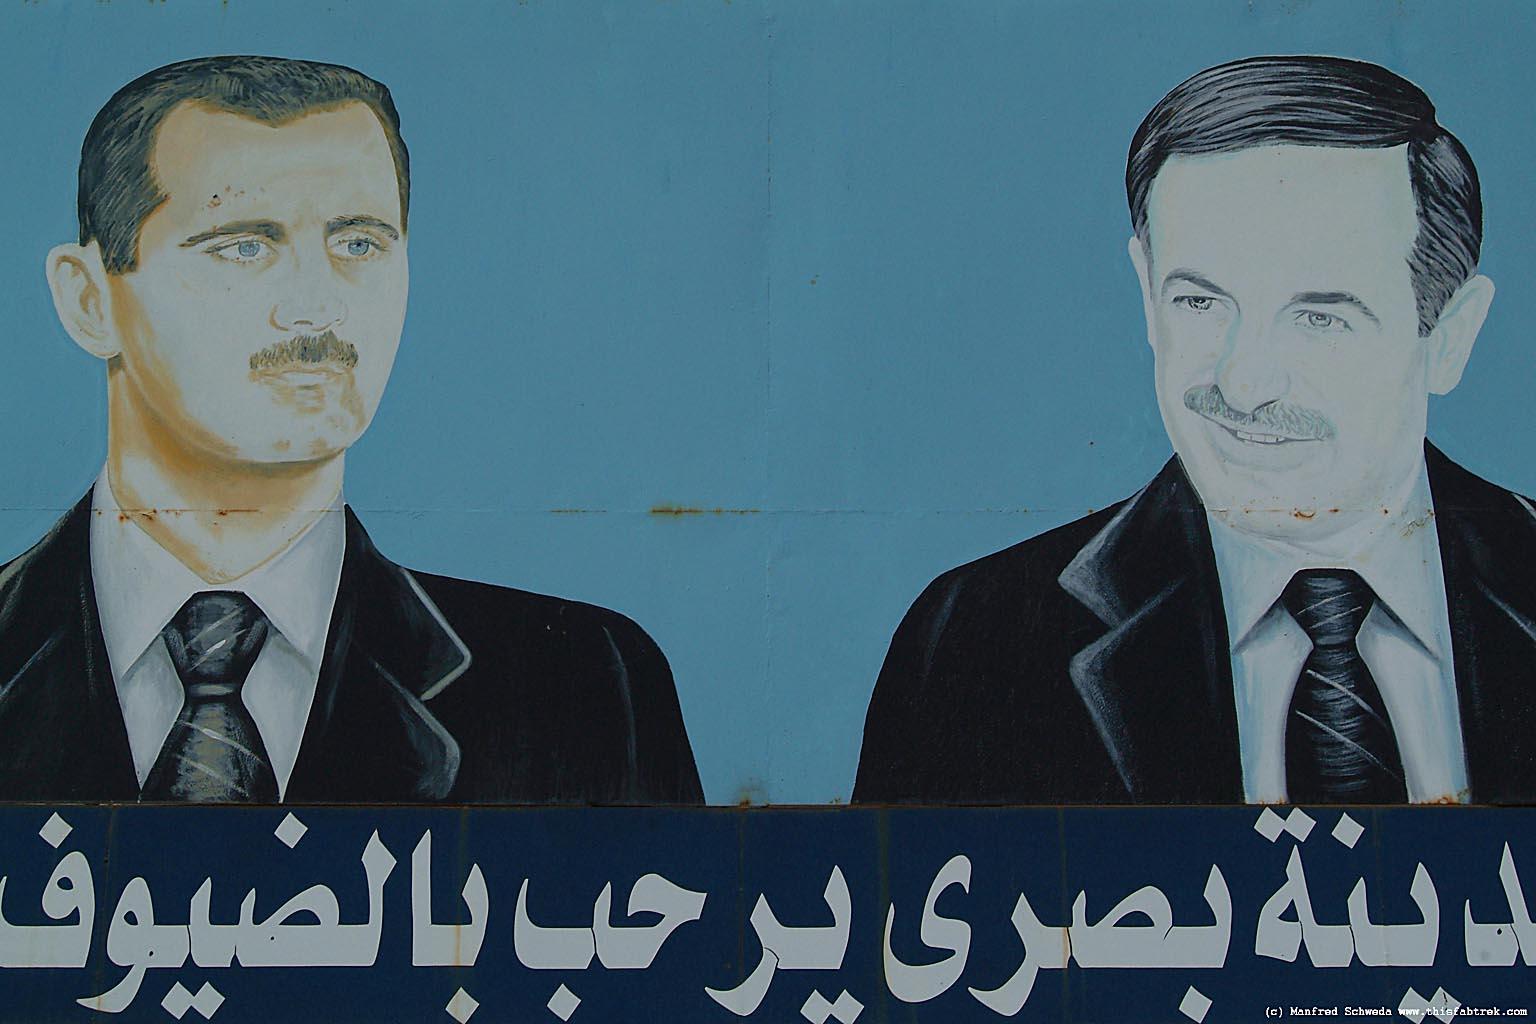 http://www.thisfabtrek.com/journey/asia/syria/20091120-palmyra/assad-father-son-4.jpg